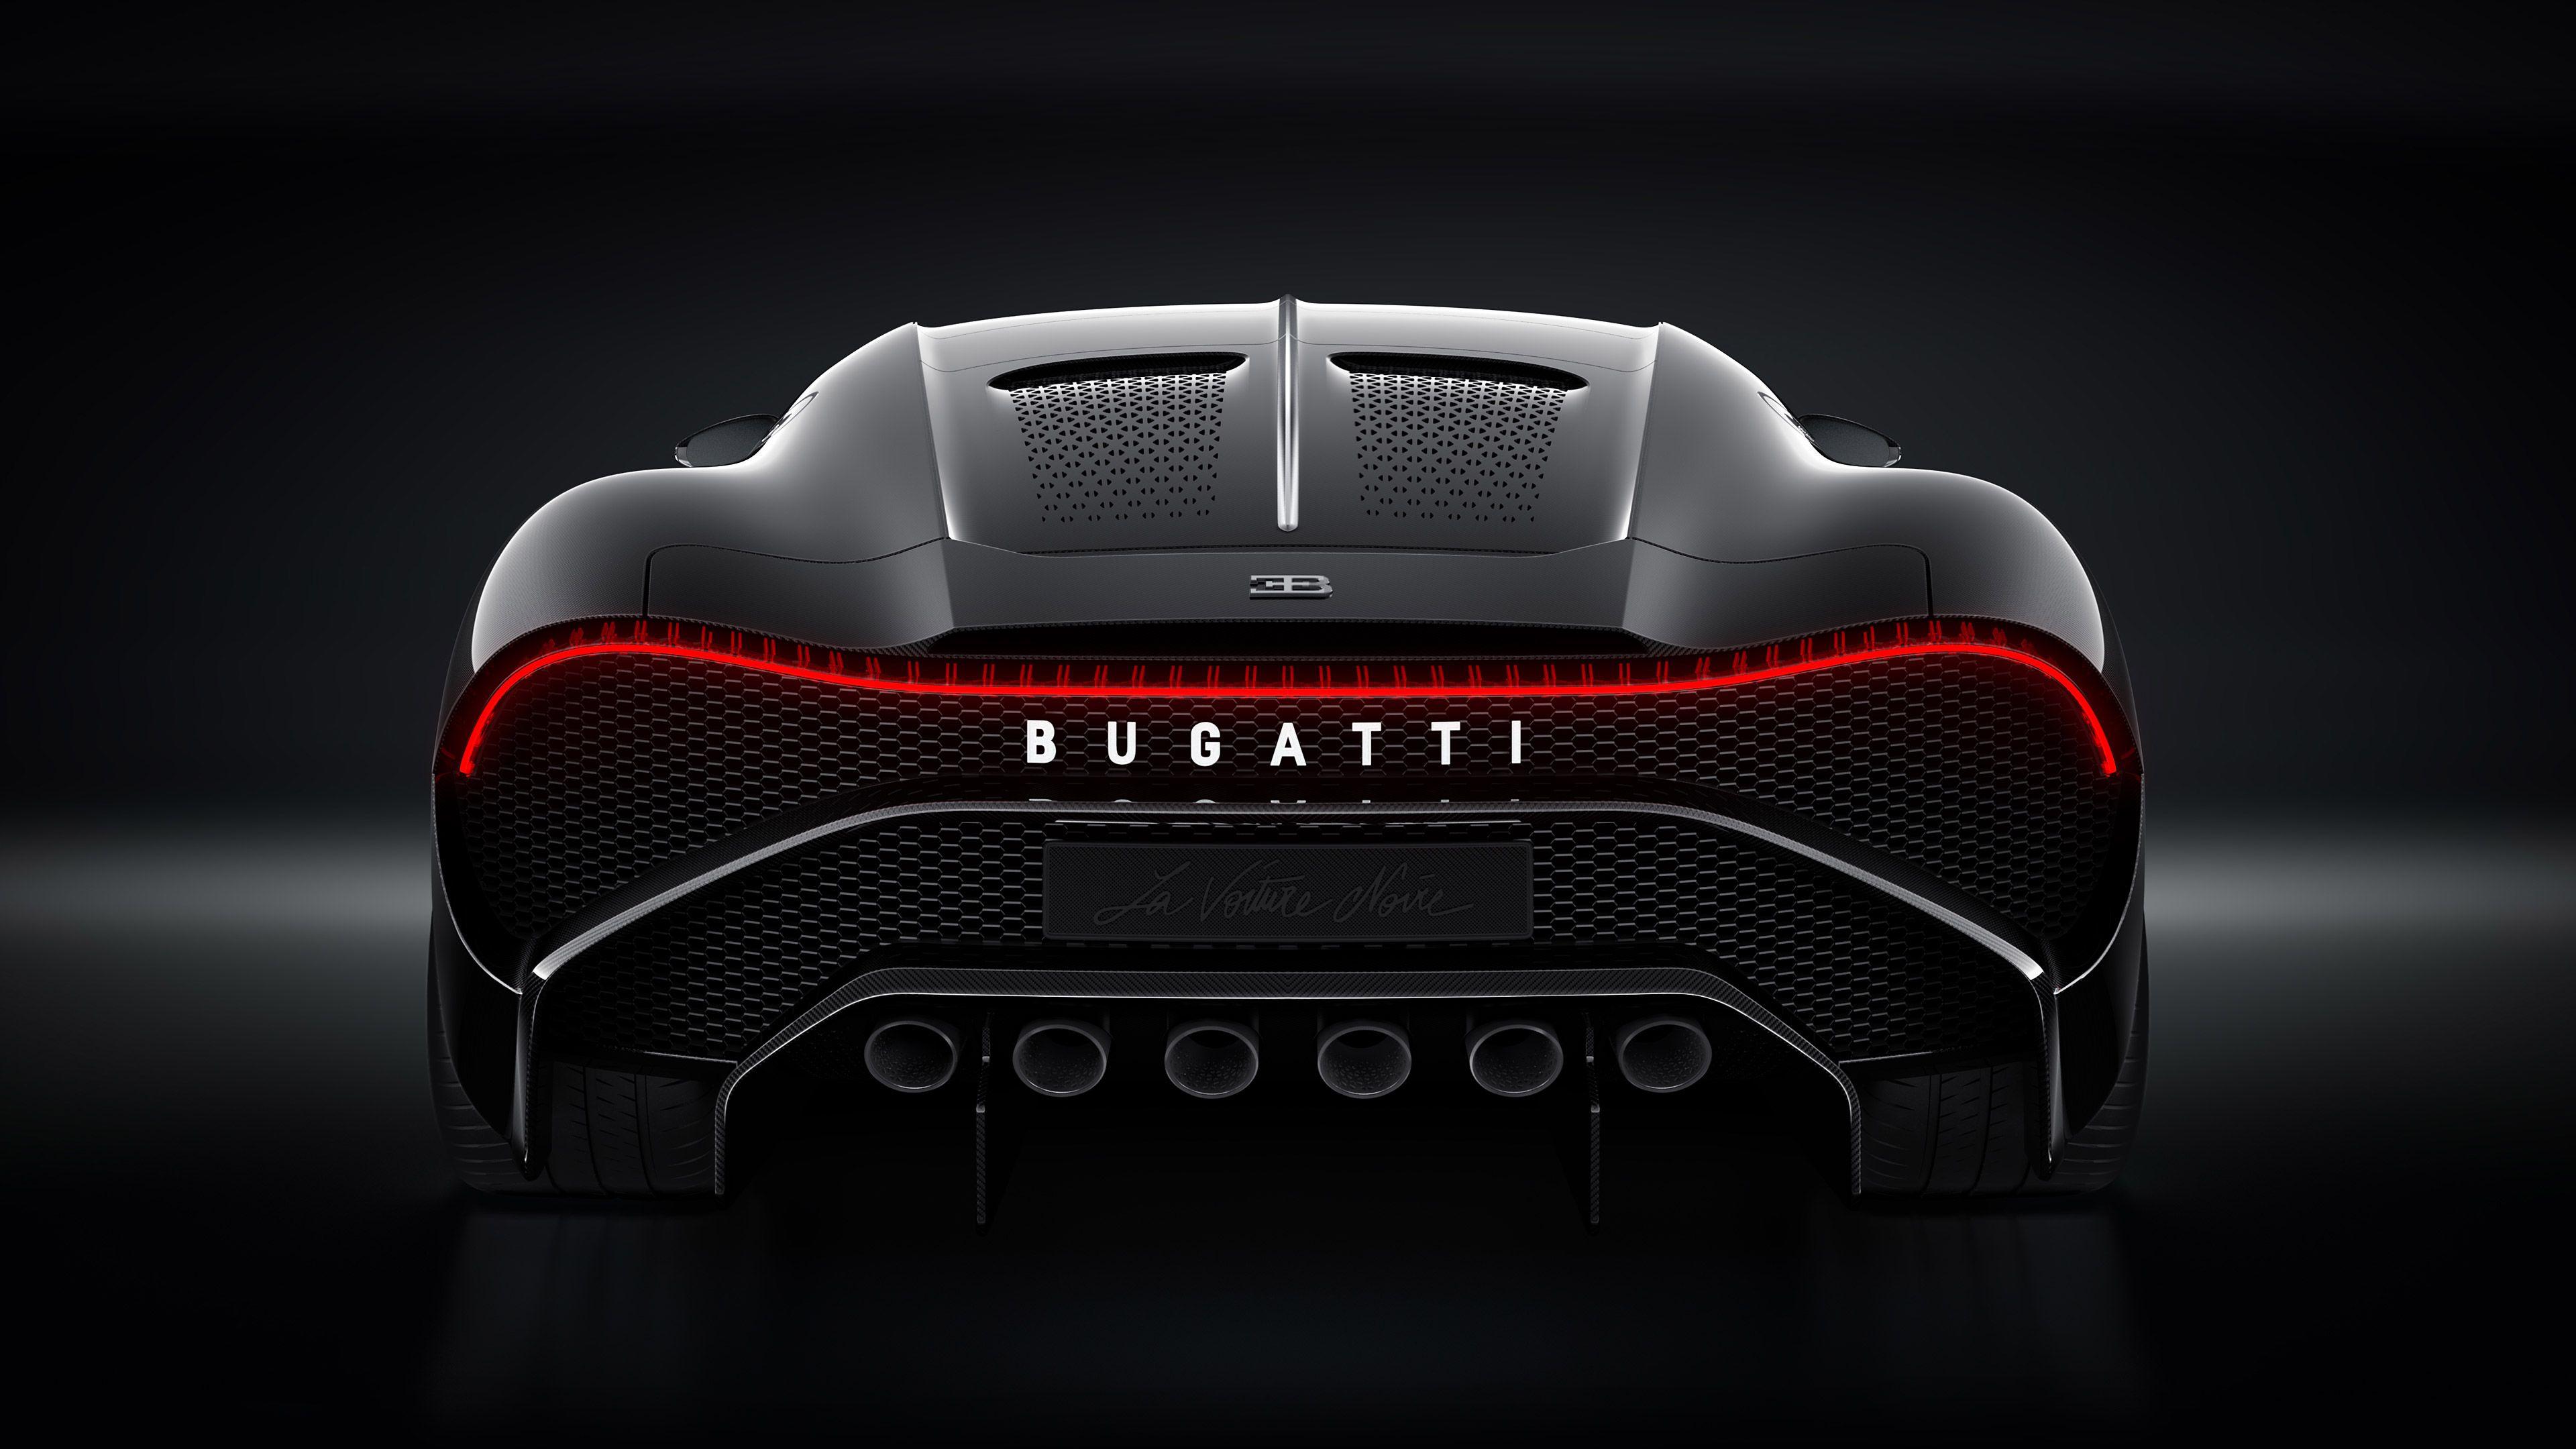 Wallpaper 4k Bugatti La Voiture Noire Rear 2019 Bugatti La Voiture Noire 2019 4k Wallpaper Bugatti La Wallpaper 4k Bugatti Voiture Wallpaper 2019 Bugatti Wal Siyah Arabalar Bugatti Audi